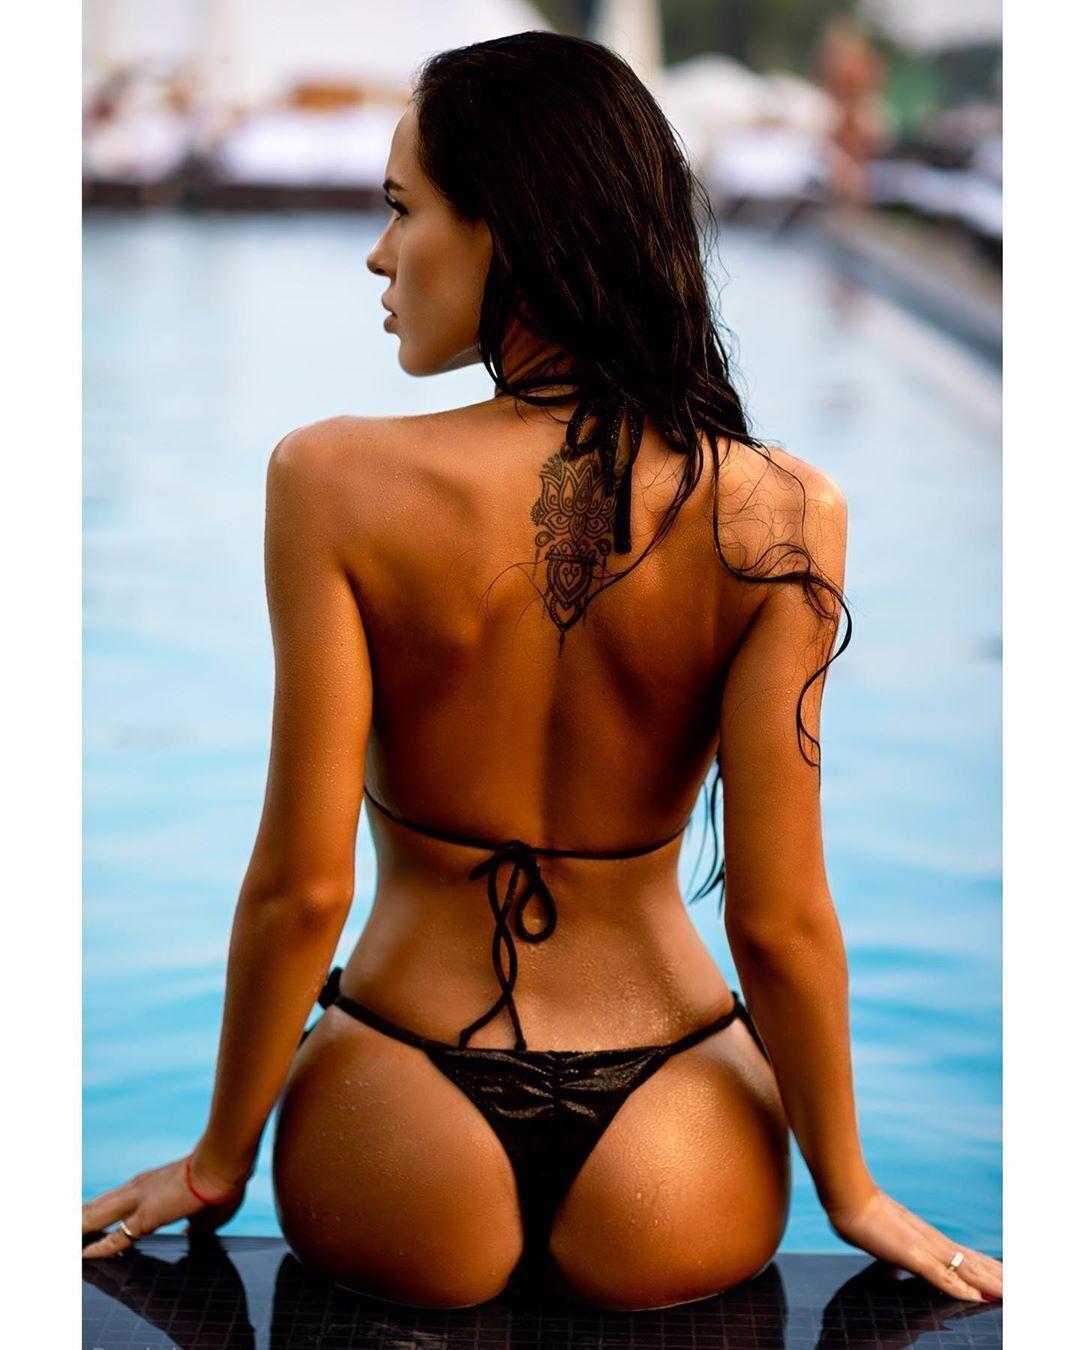 Ніна-Вільтрауд Крохмалюк знялася в гарячій фотосесії в басейні